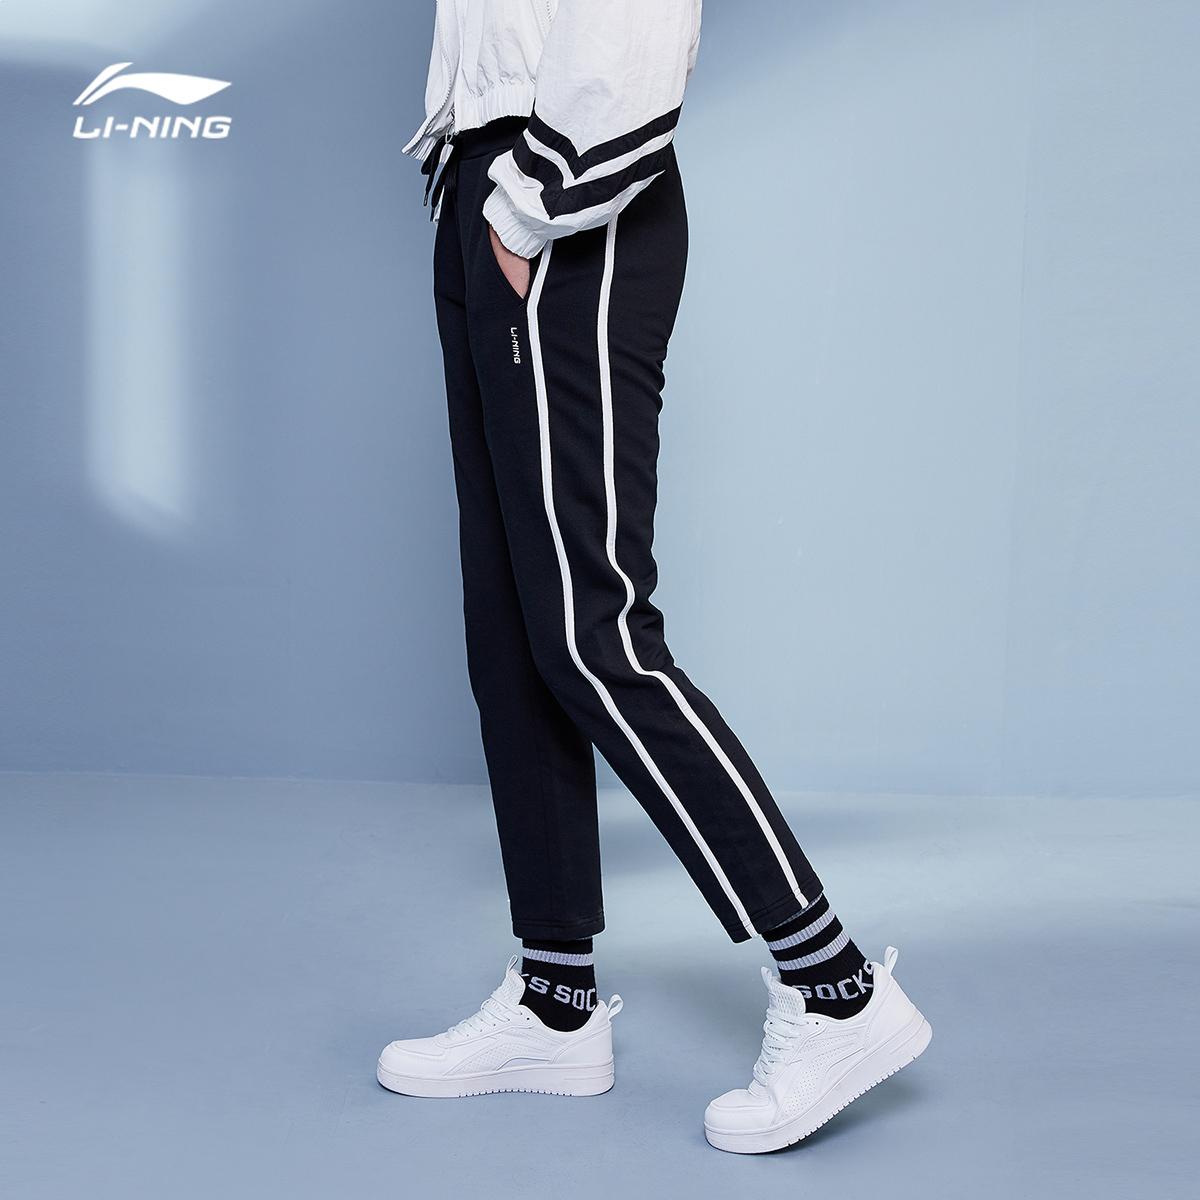 双11预售:李宁(LI-NING) AKLP756 女士运动长裤 39元包邮(前500件)